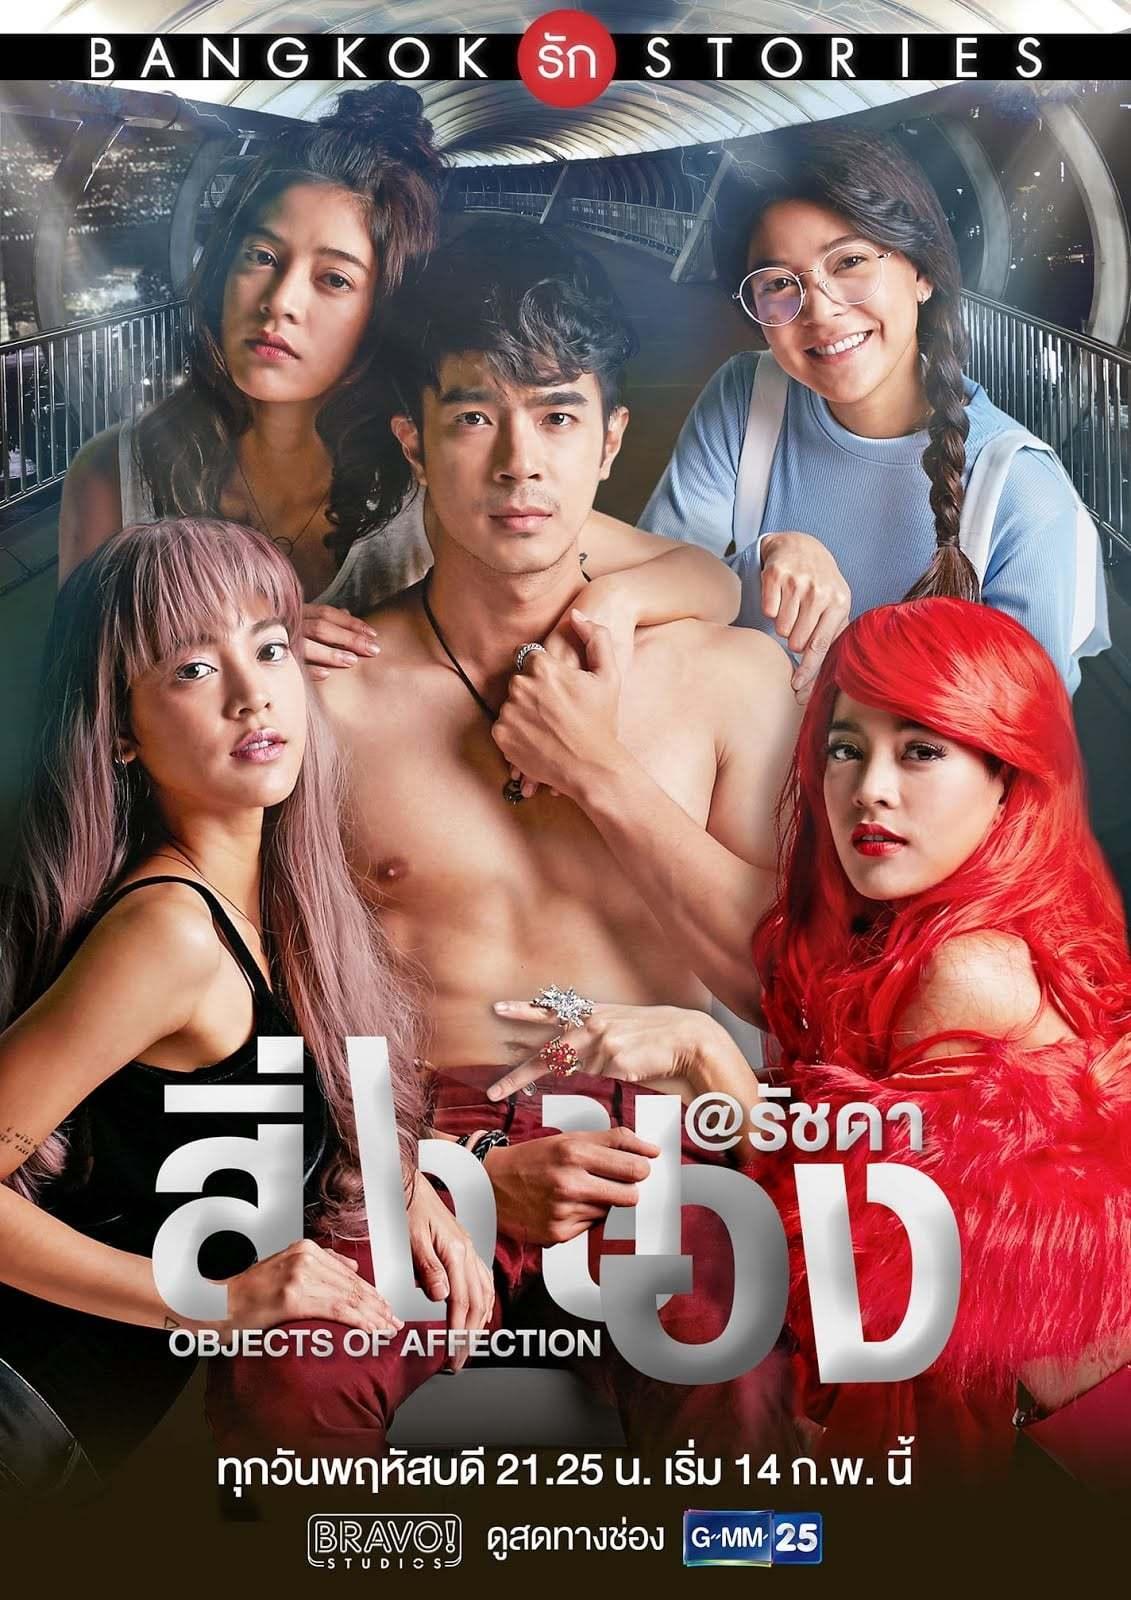 Постер фильма Бангкокские истории любви: Объекты привязанности 2019